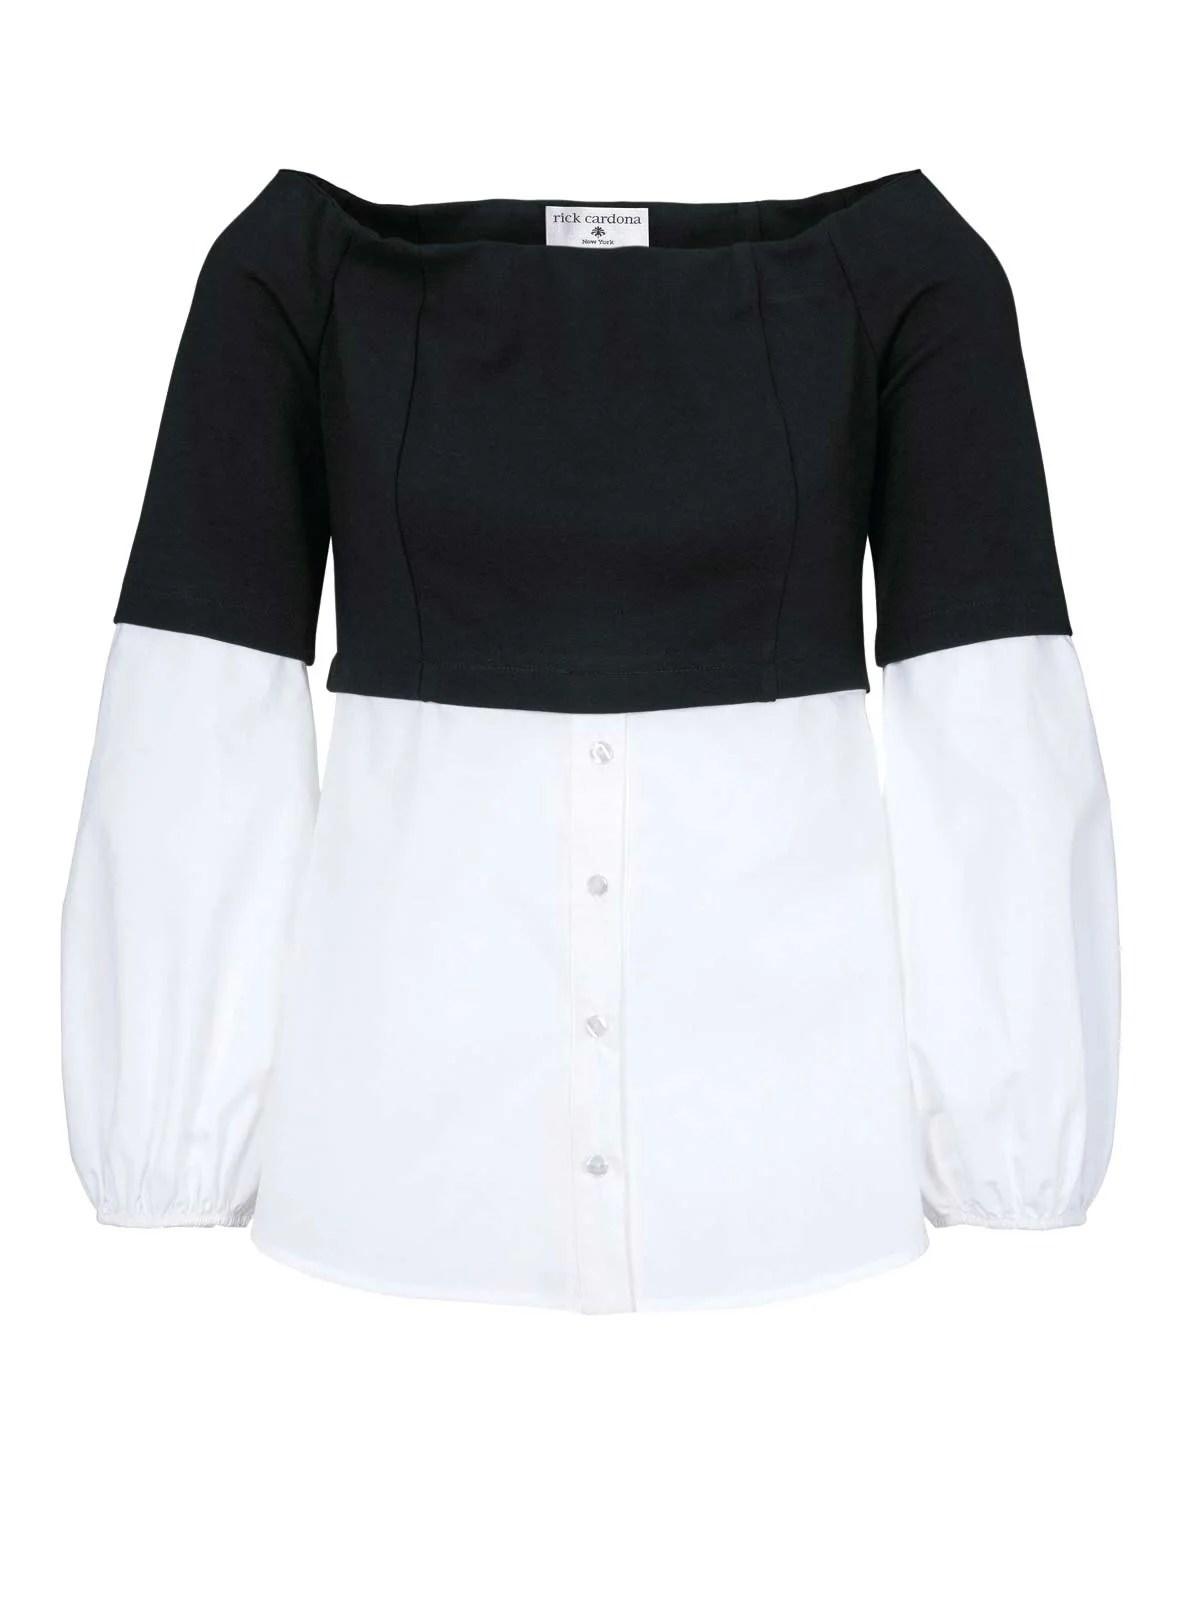 306.134 RICK CARDONA Damen Designer-2-in-1-Blusen-Sweatshirt Schwarz-Weiß